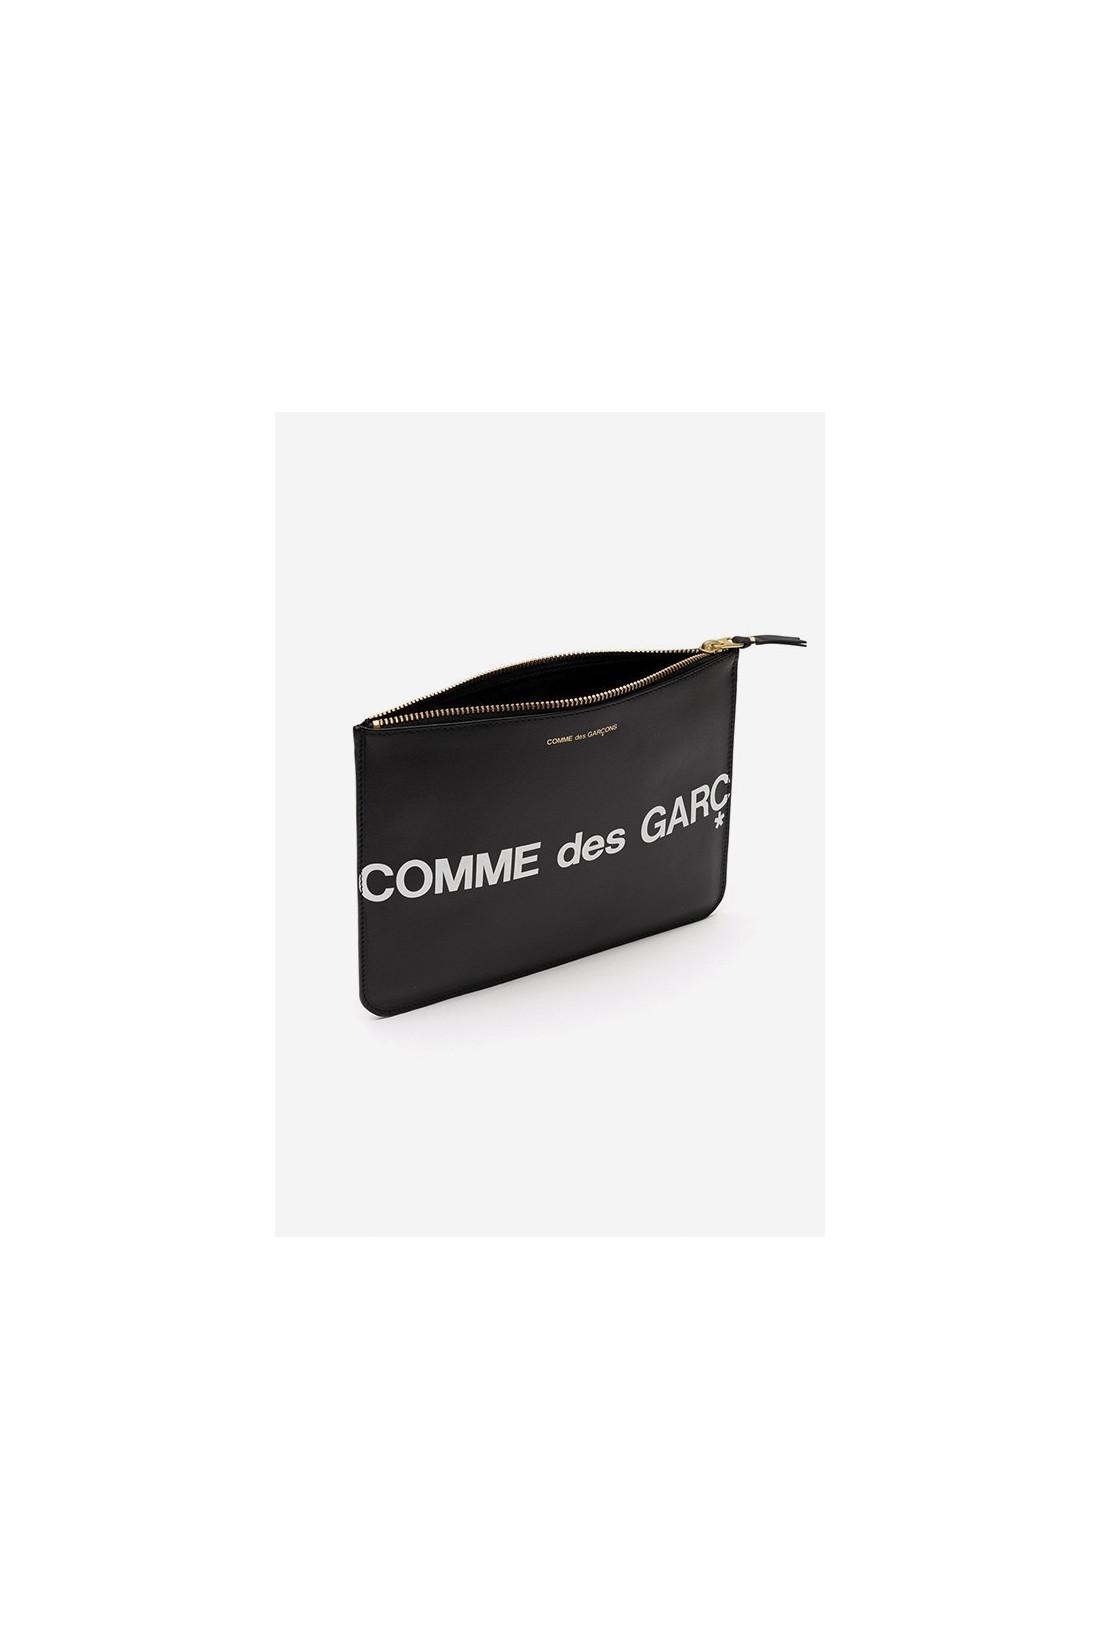 COMME DES GARÇONS WALLETS / Cdg huge logo wallet sa5100hl Black